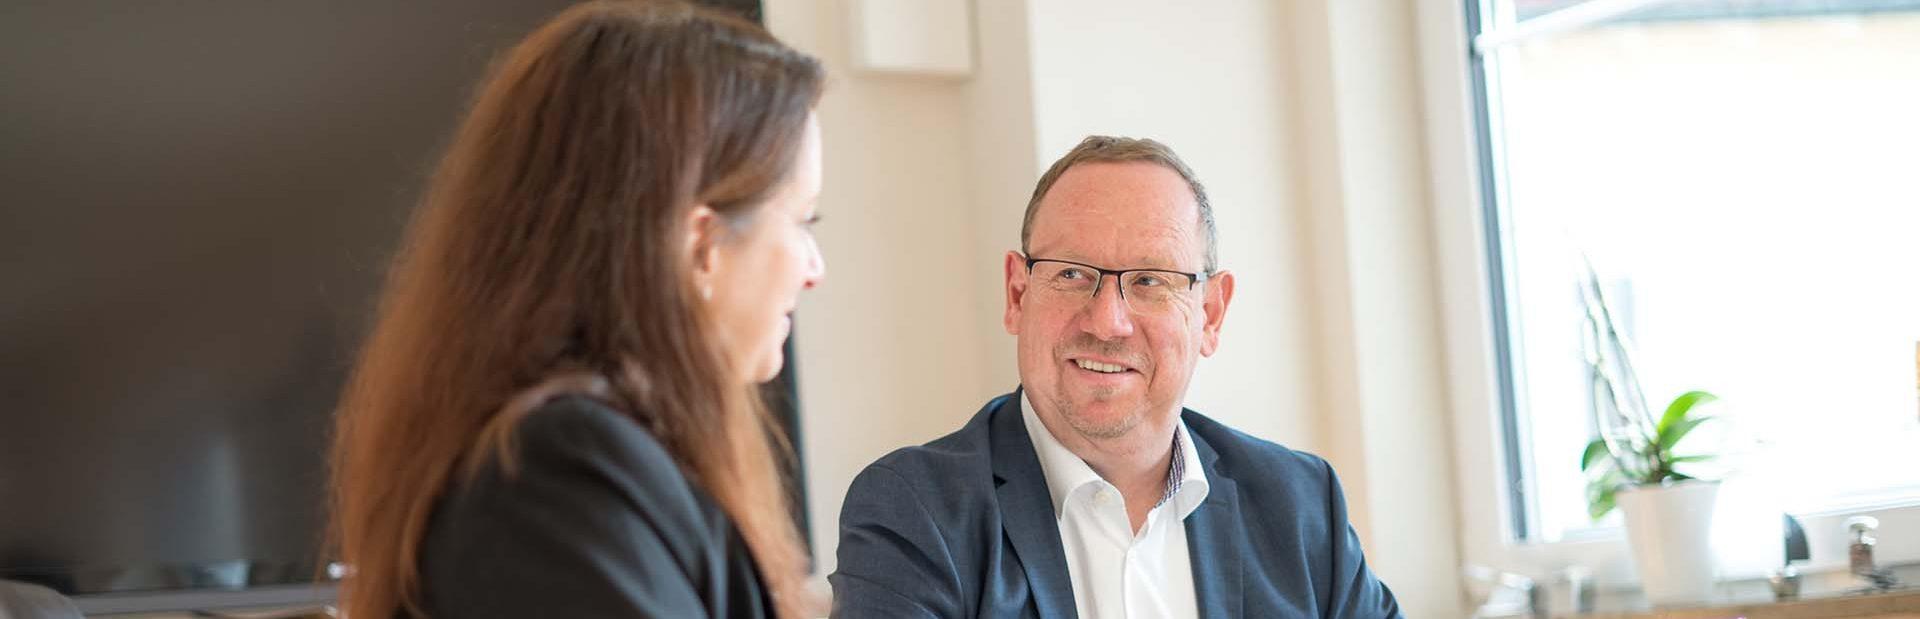 Seeliger & Co. GmbH - private Versicherungen